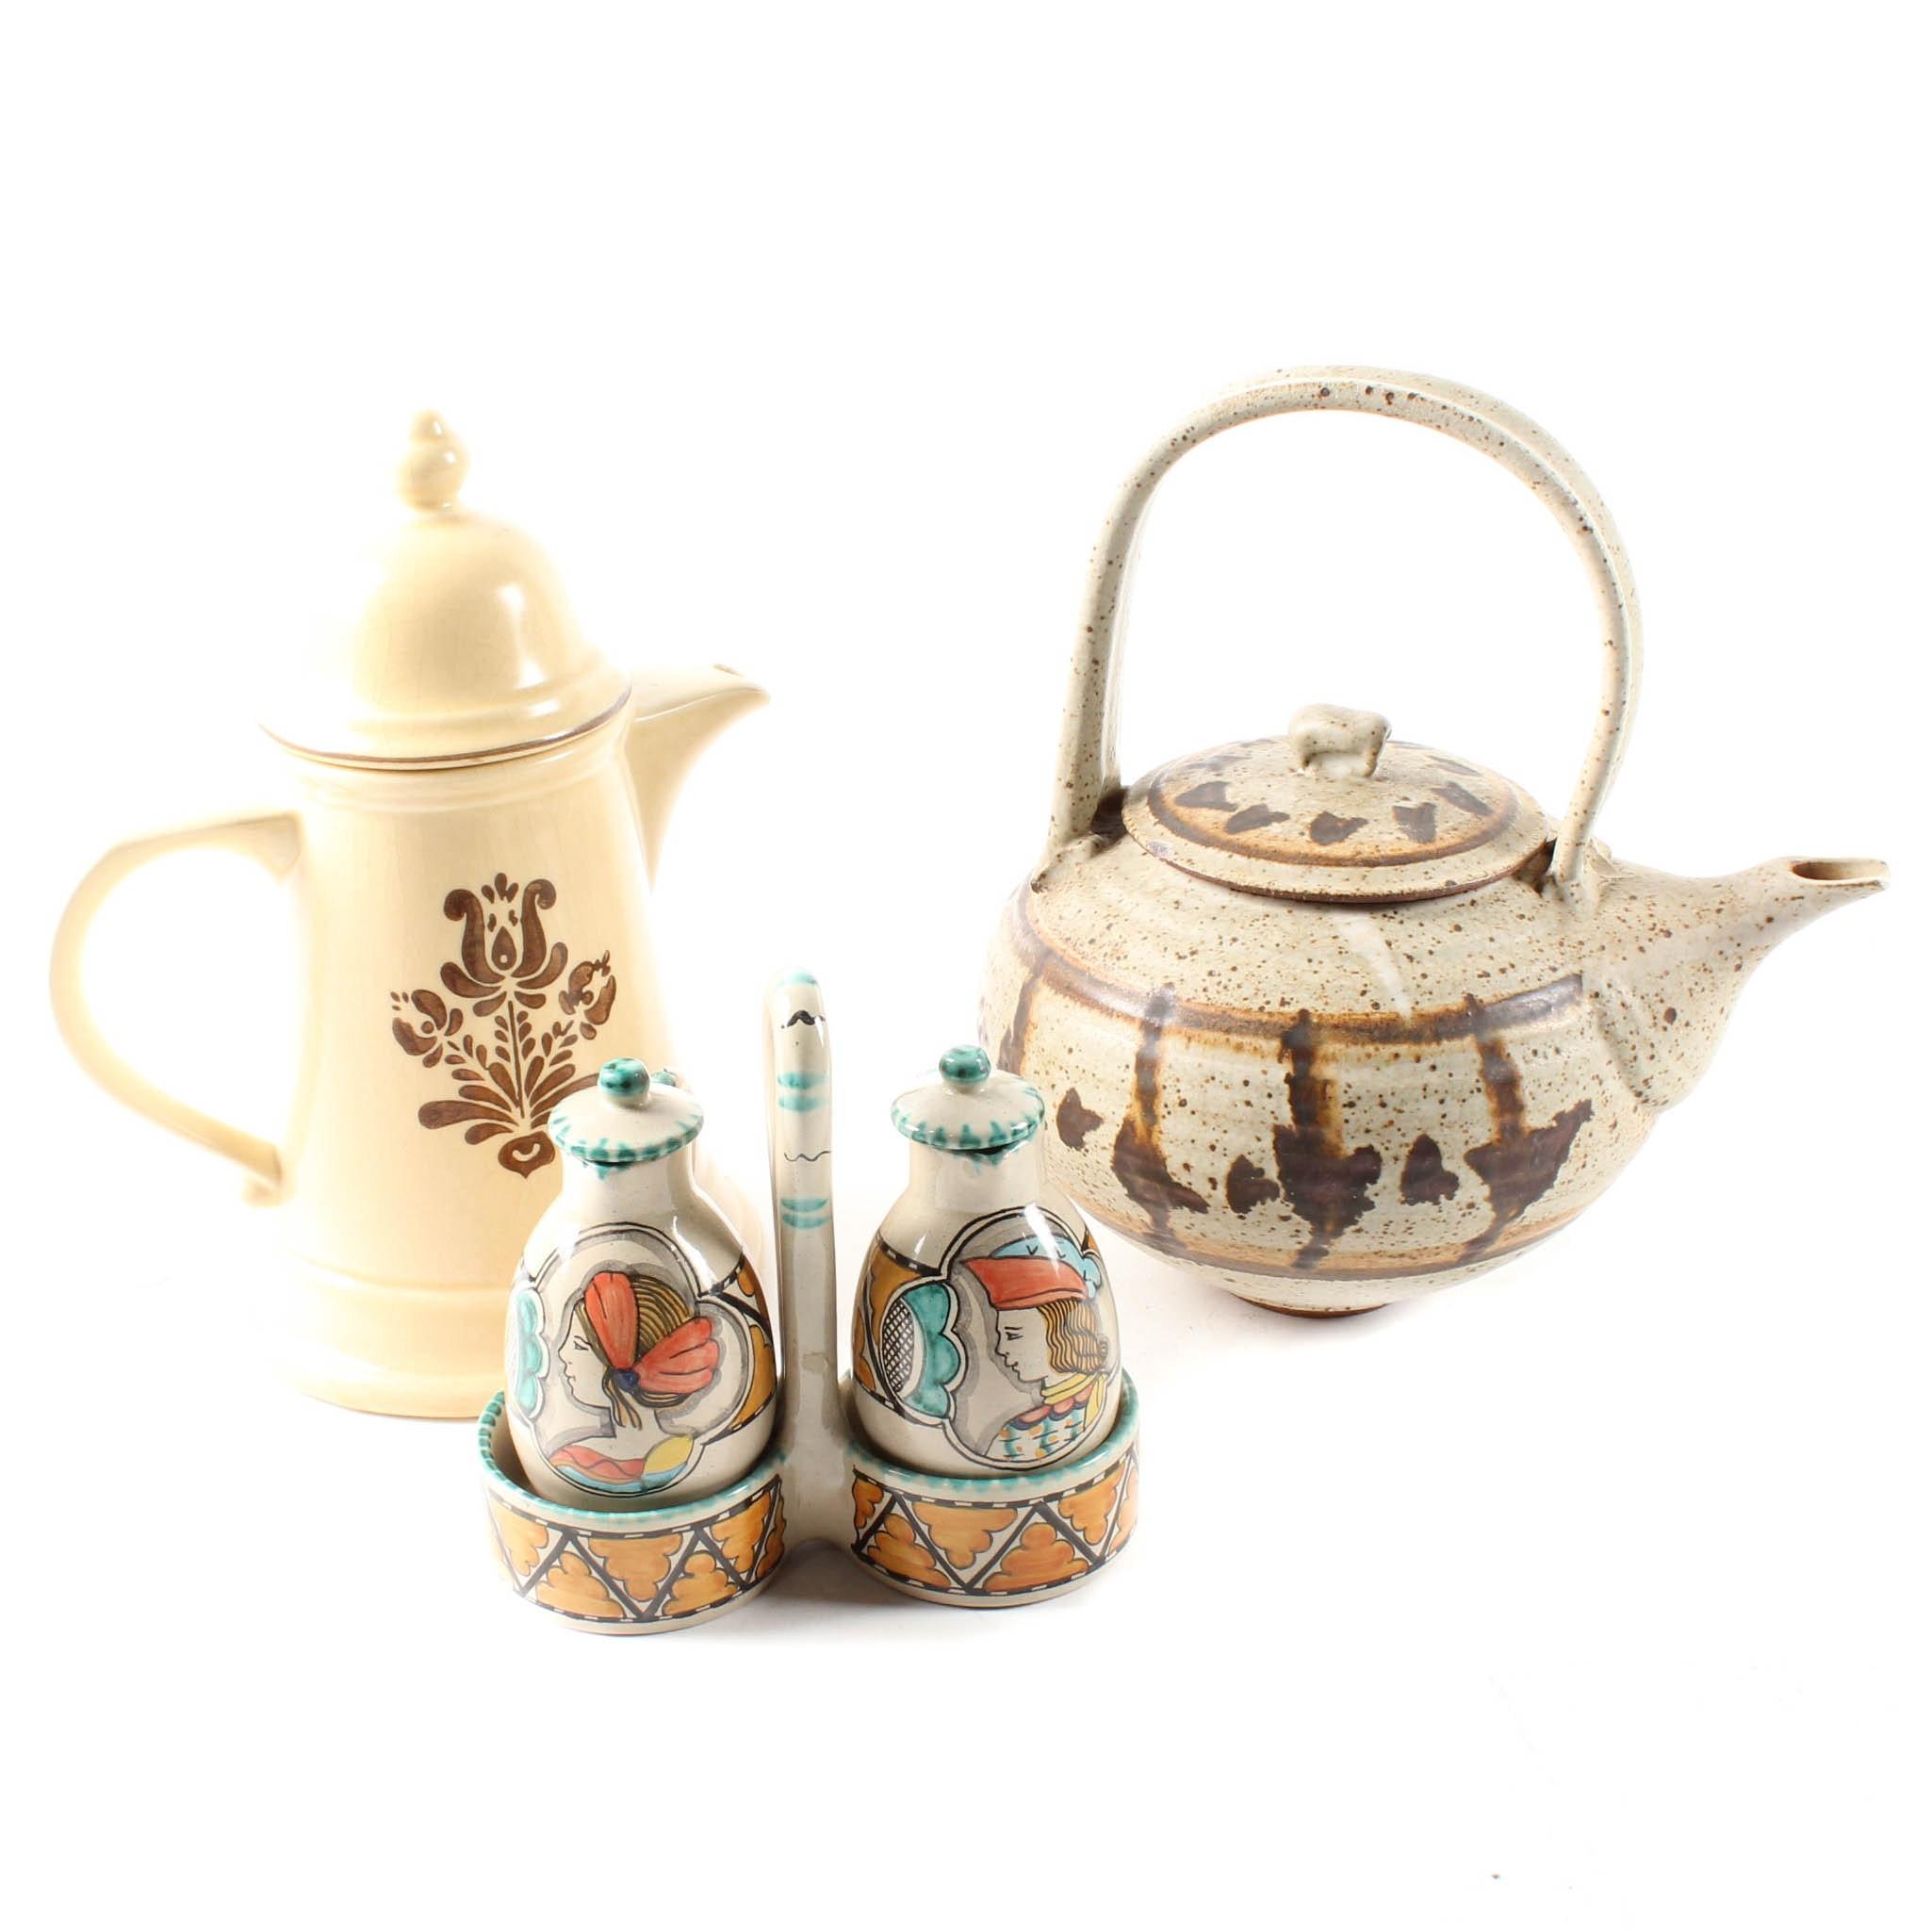 Ceramic Tea Party Accessories